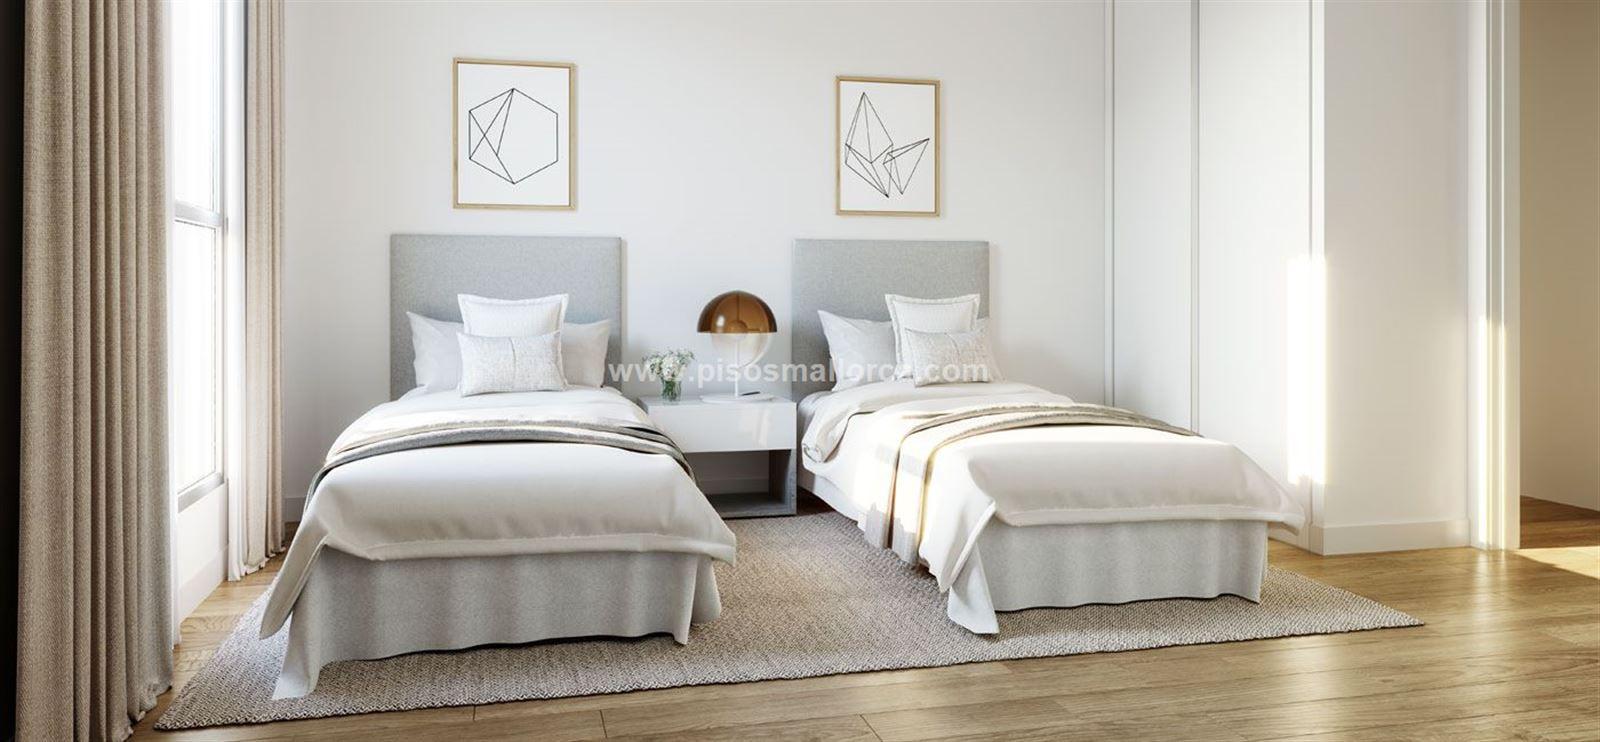 Dormitorios Mallorca.Palma De Mallorca Atico Amanecer 138 M 3 Dormitorios